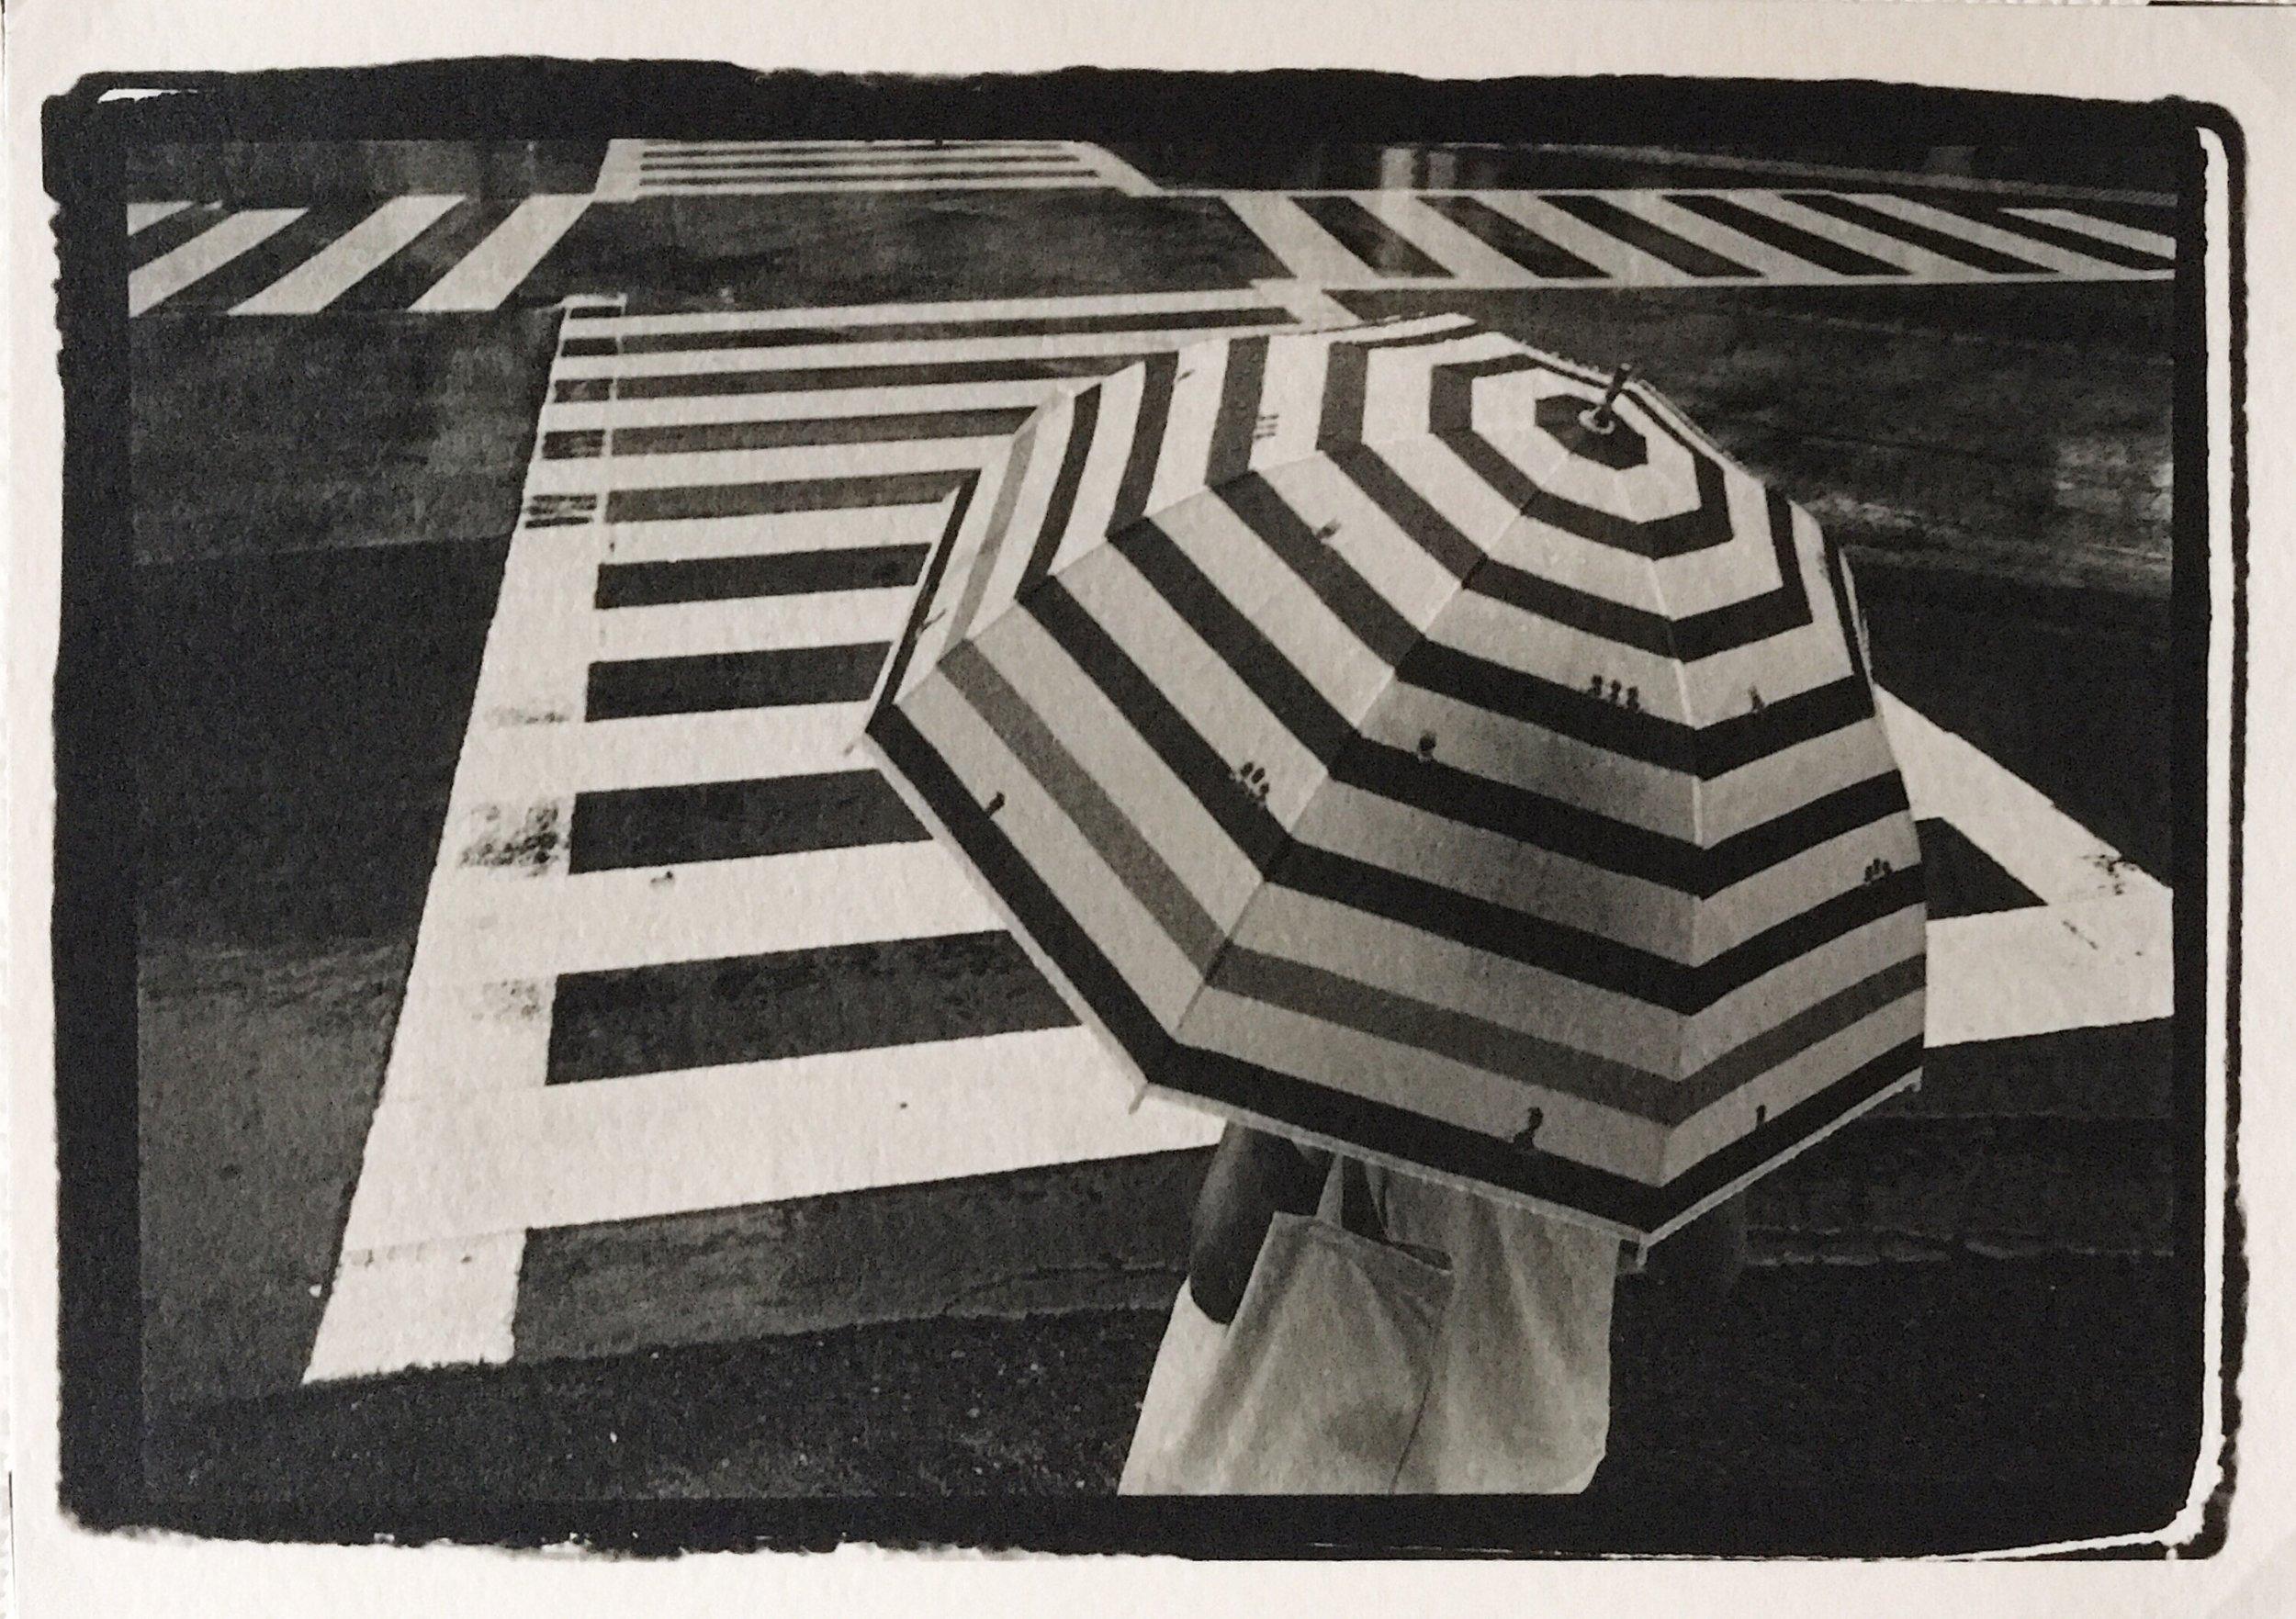 B&W print on Ilford Art300 paper.